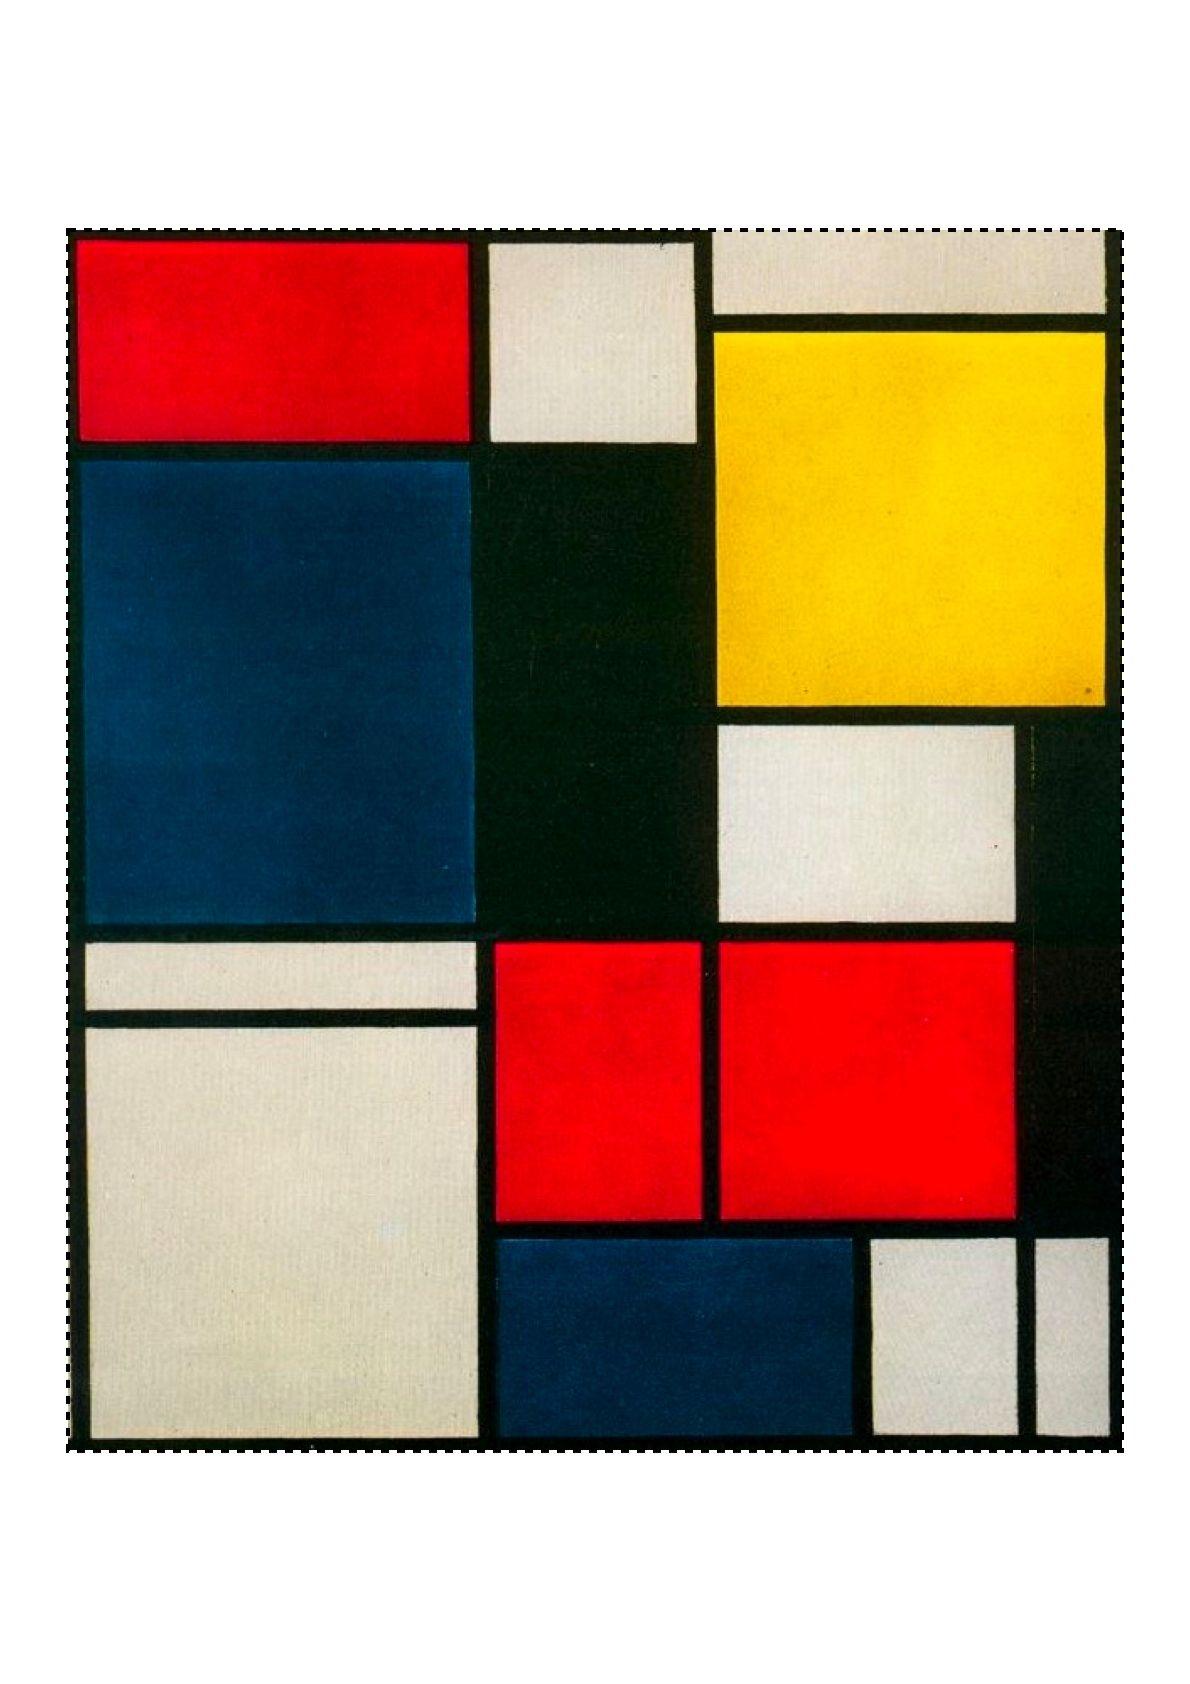 Dibujos de cuadros famosos para colorear la casa holidays oo for Cuadros con formas geometricas